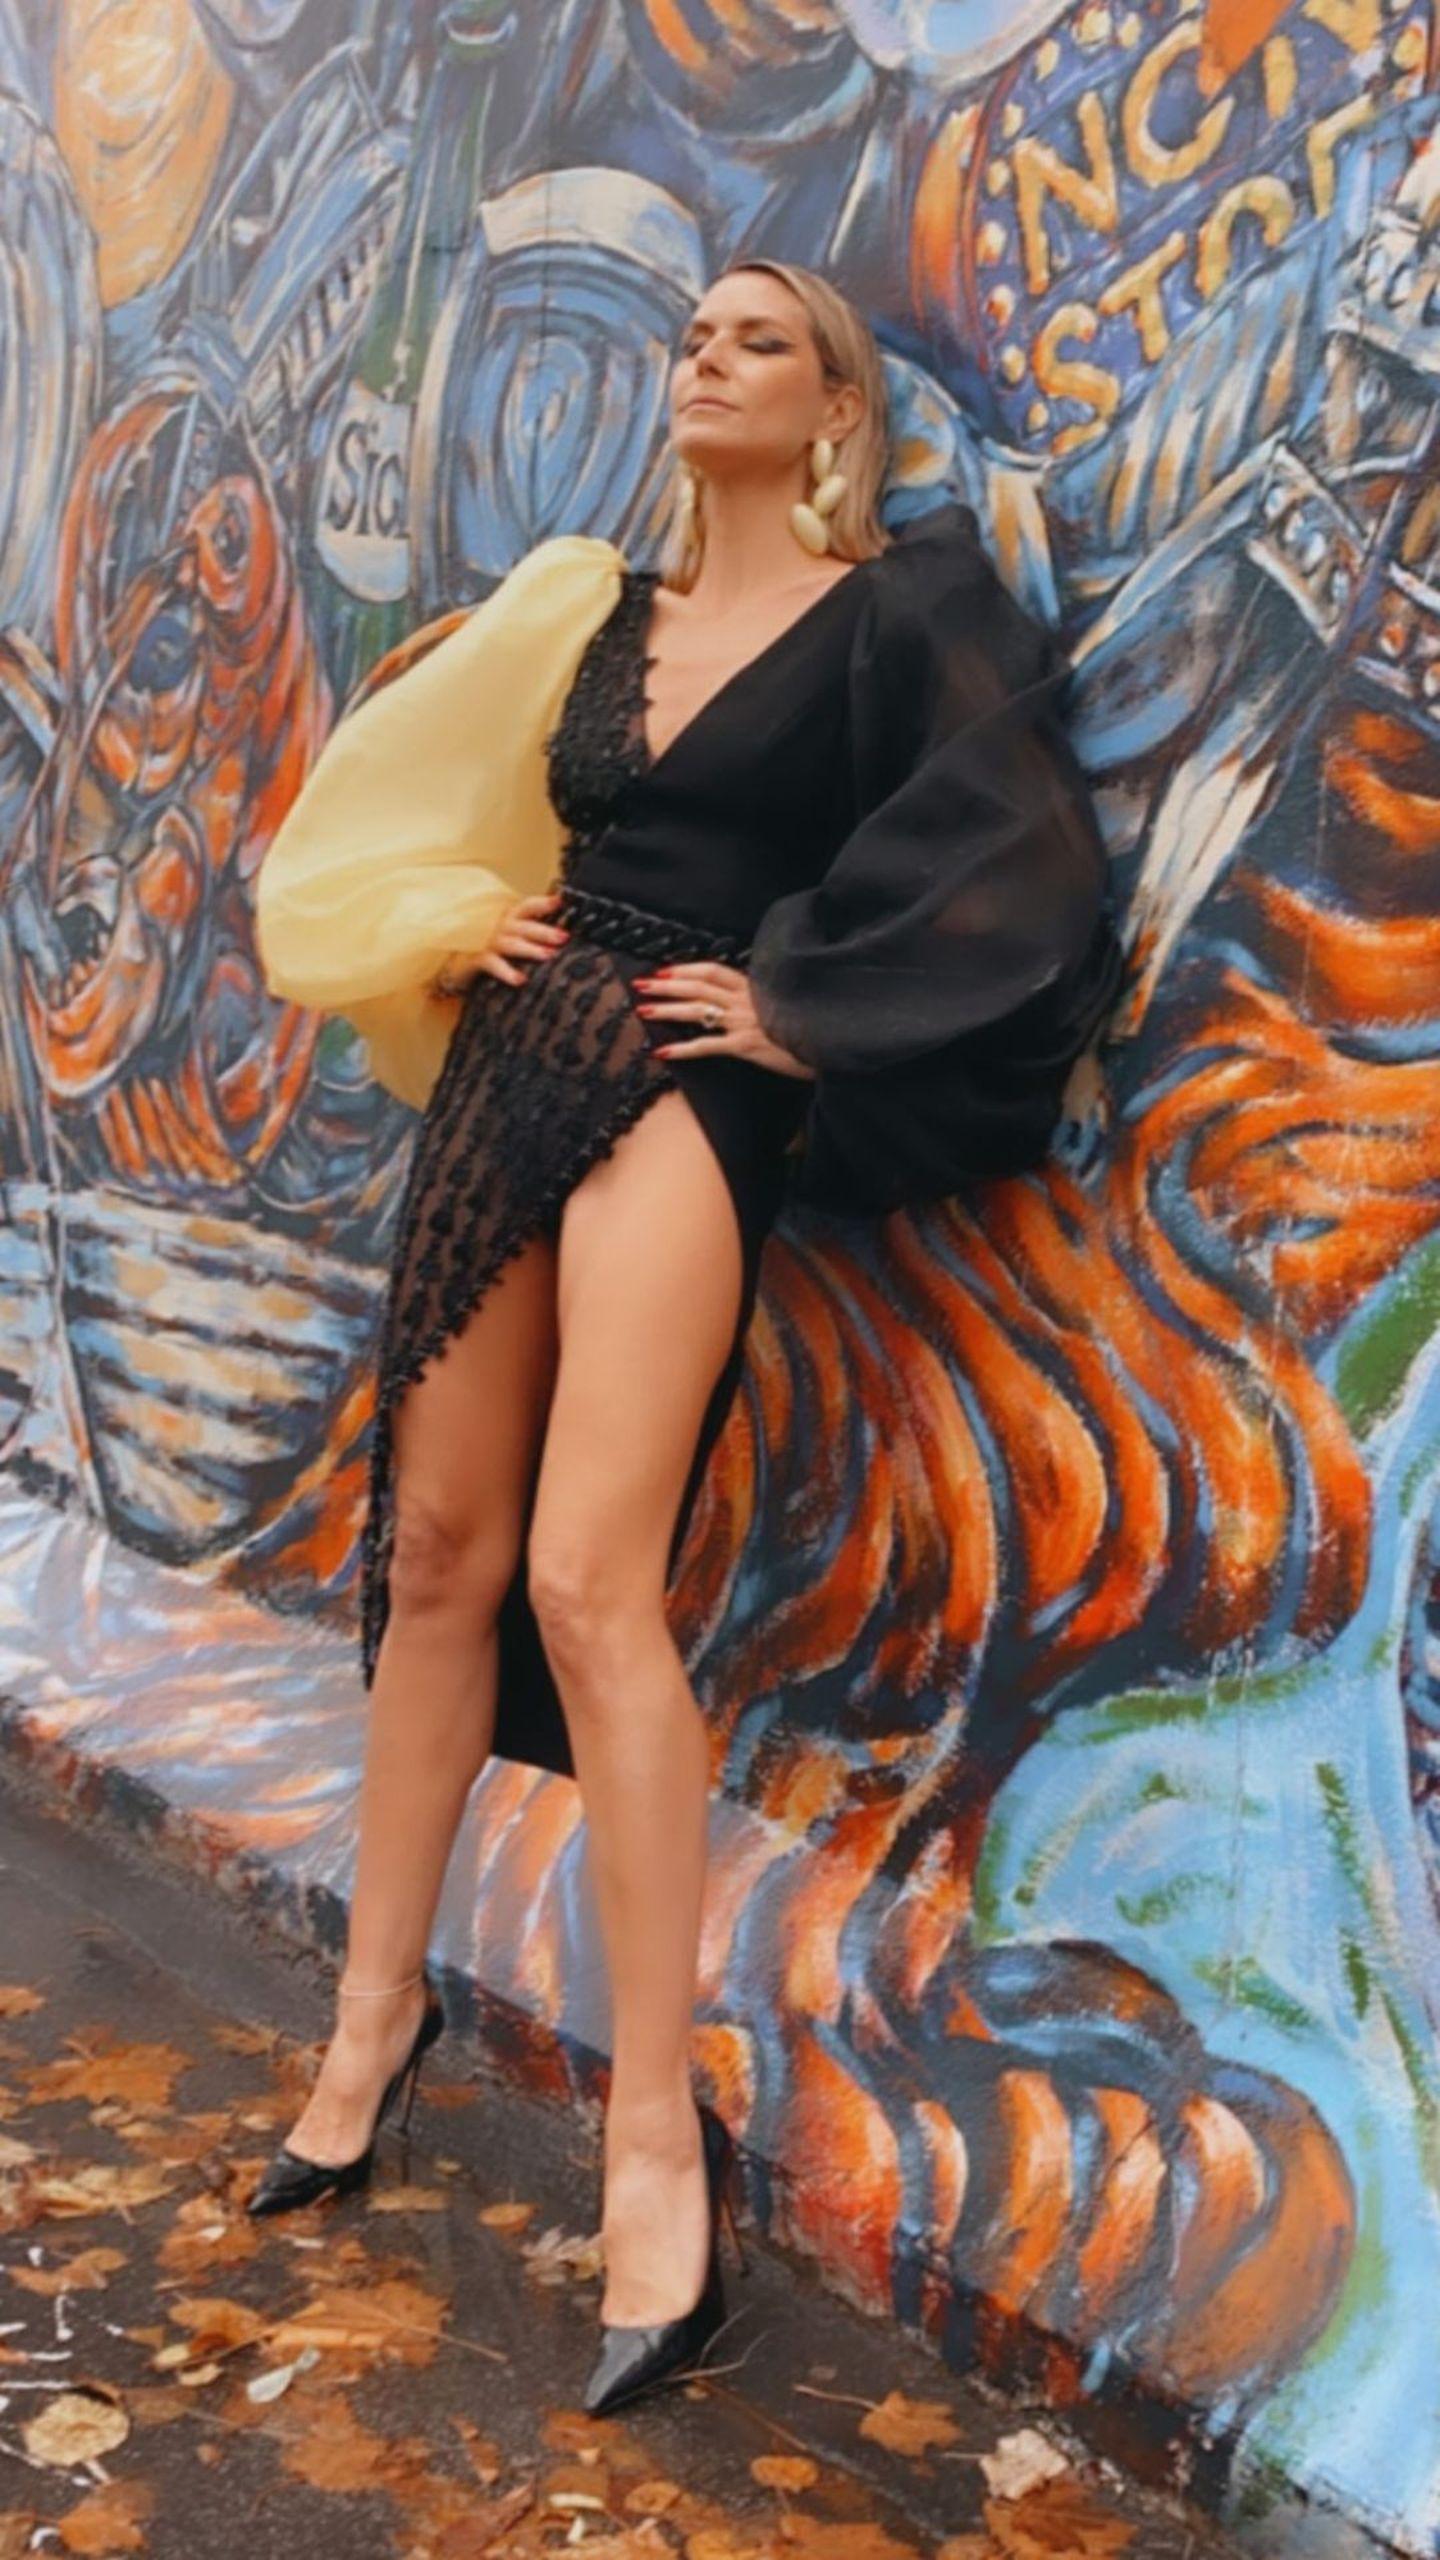 Bevorstehender Lockdown und regnerisches Herbstwetter halten Heidi Klum nicht davon ab, ein wenig Glamour nach Berlin zu bringen. In einer eleganten Robe von Georges Hobeika posiert sie lasziv an der Berliner Mauer.